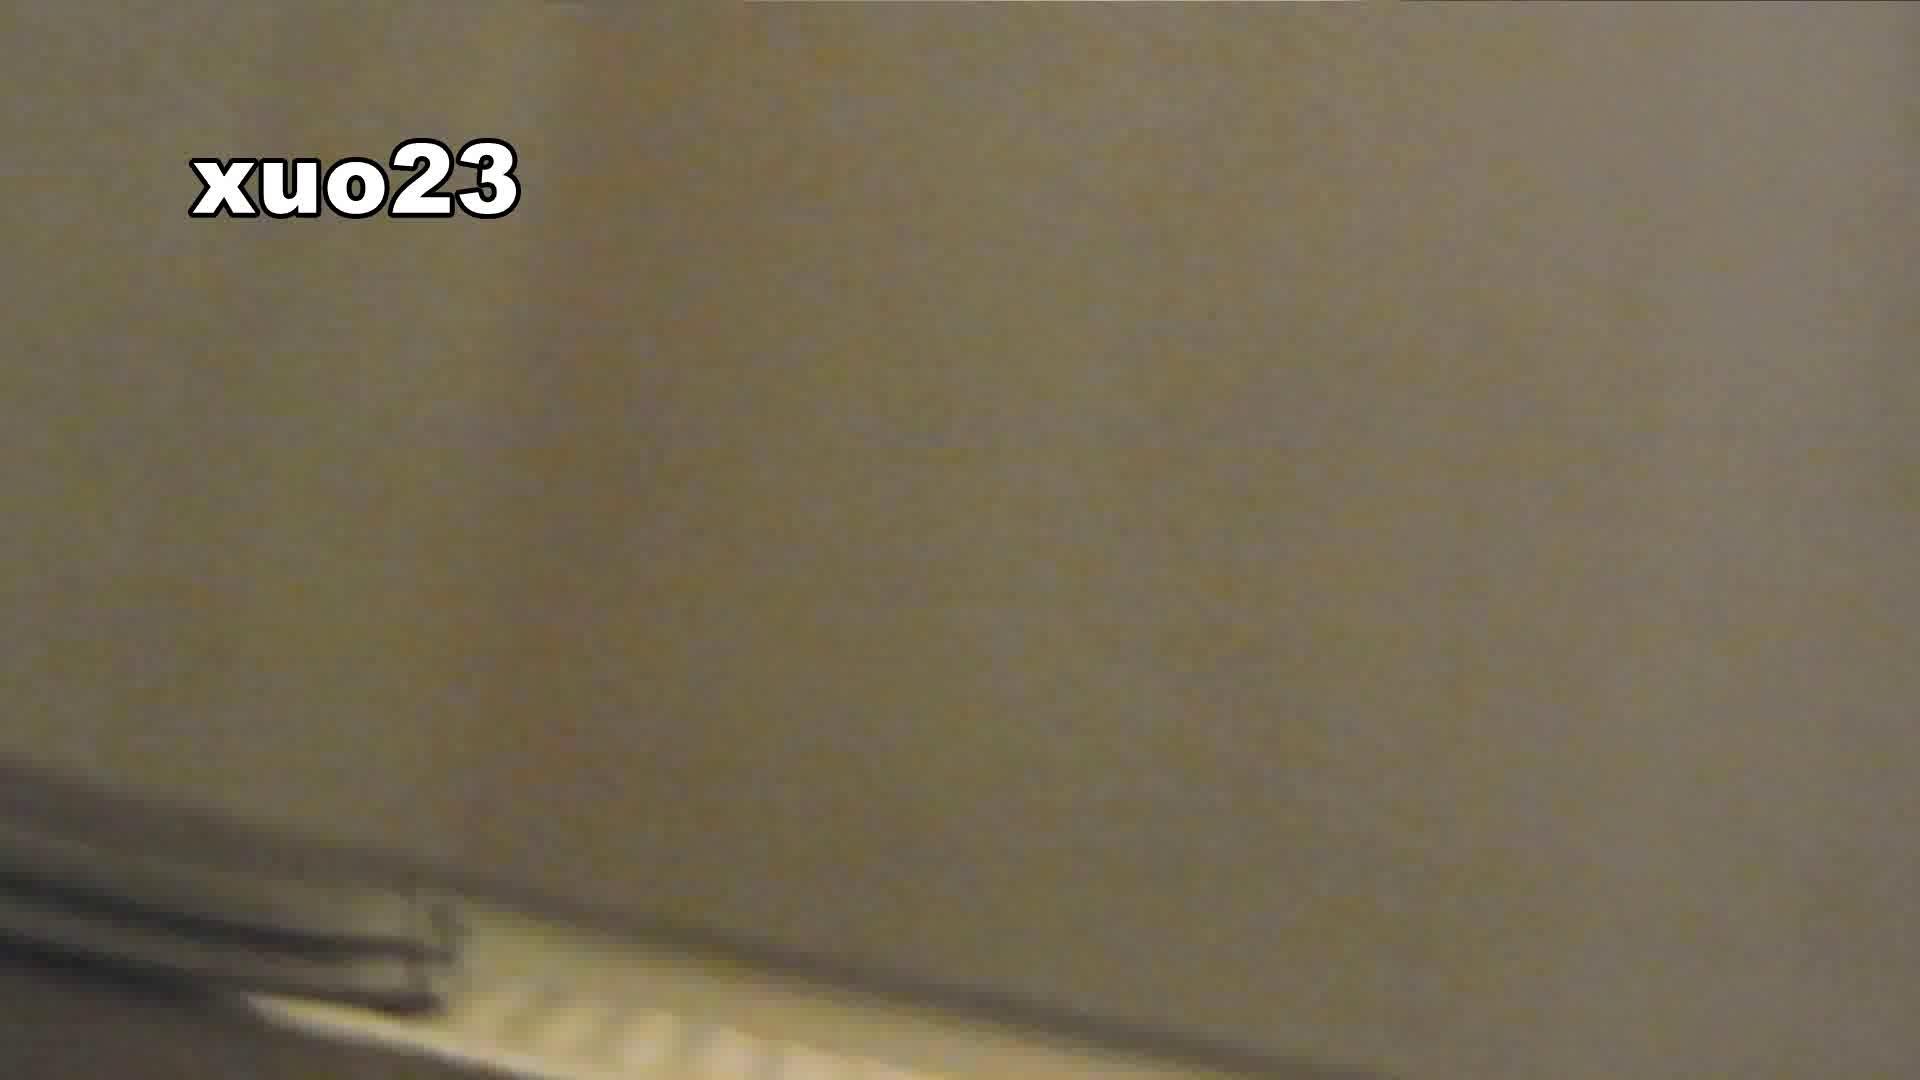 阿国ちゃんの「和式洋式七変化」No.23 飛び出す勢いで大きく8回振ります お姉さん攻略 ヌード画像 75画像 70